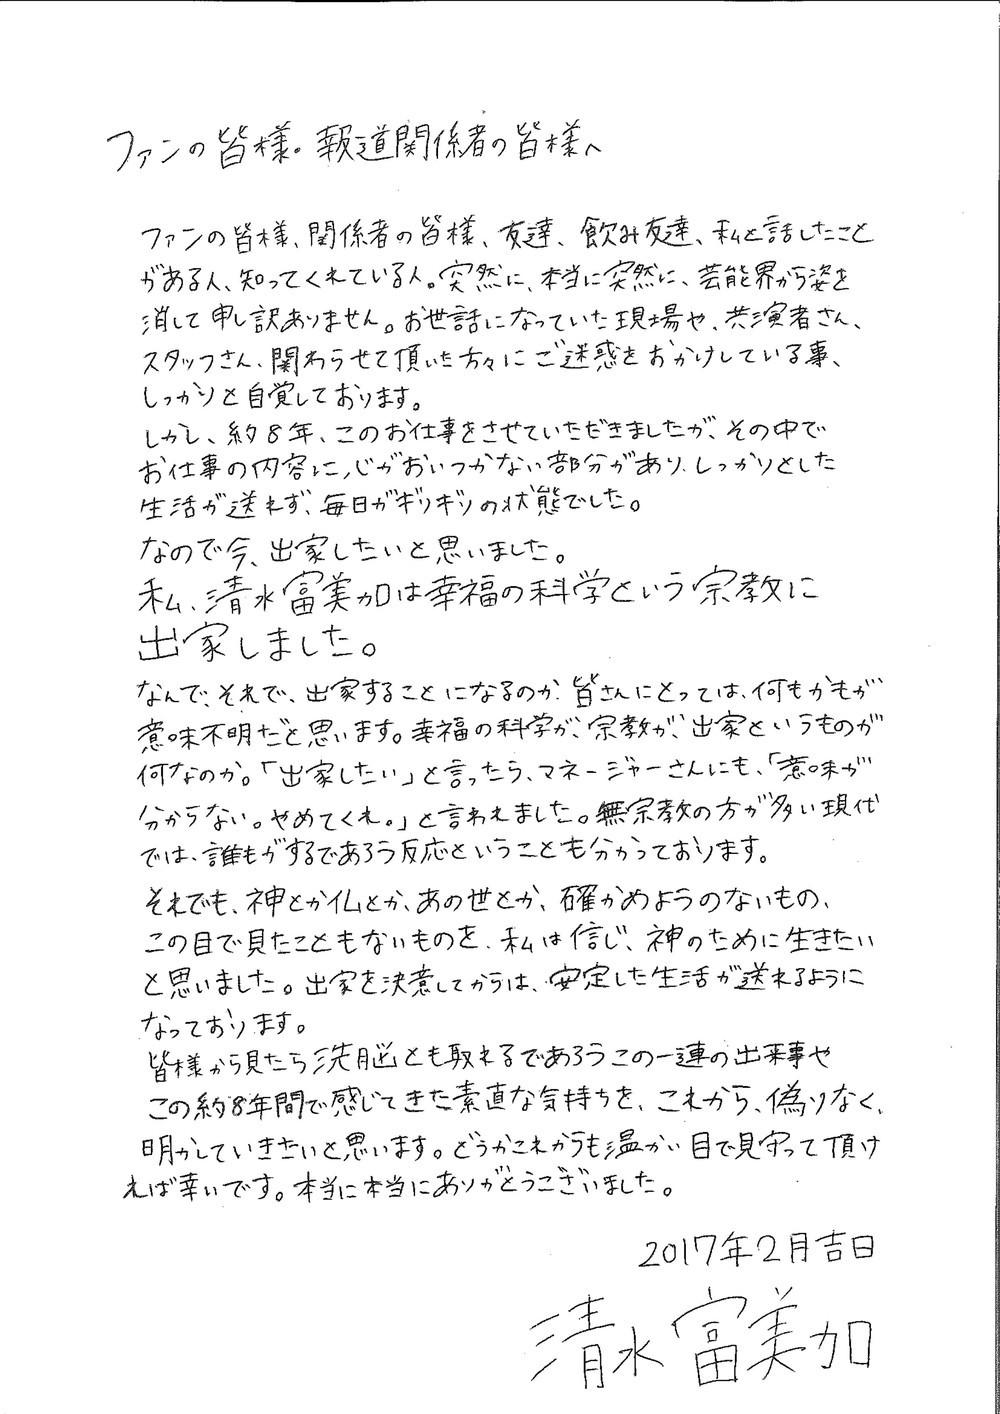 幸福の科学、「清水富美加氏は引退ではなく、当会の映画に出演します」